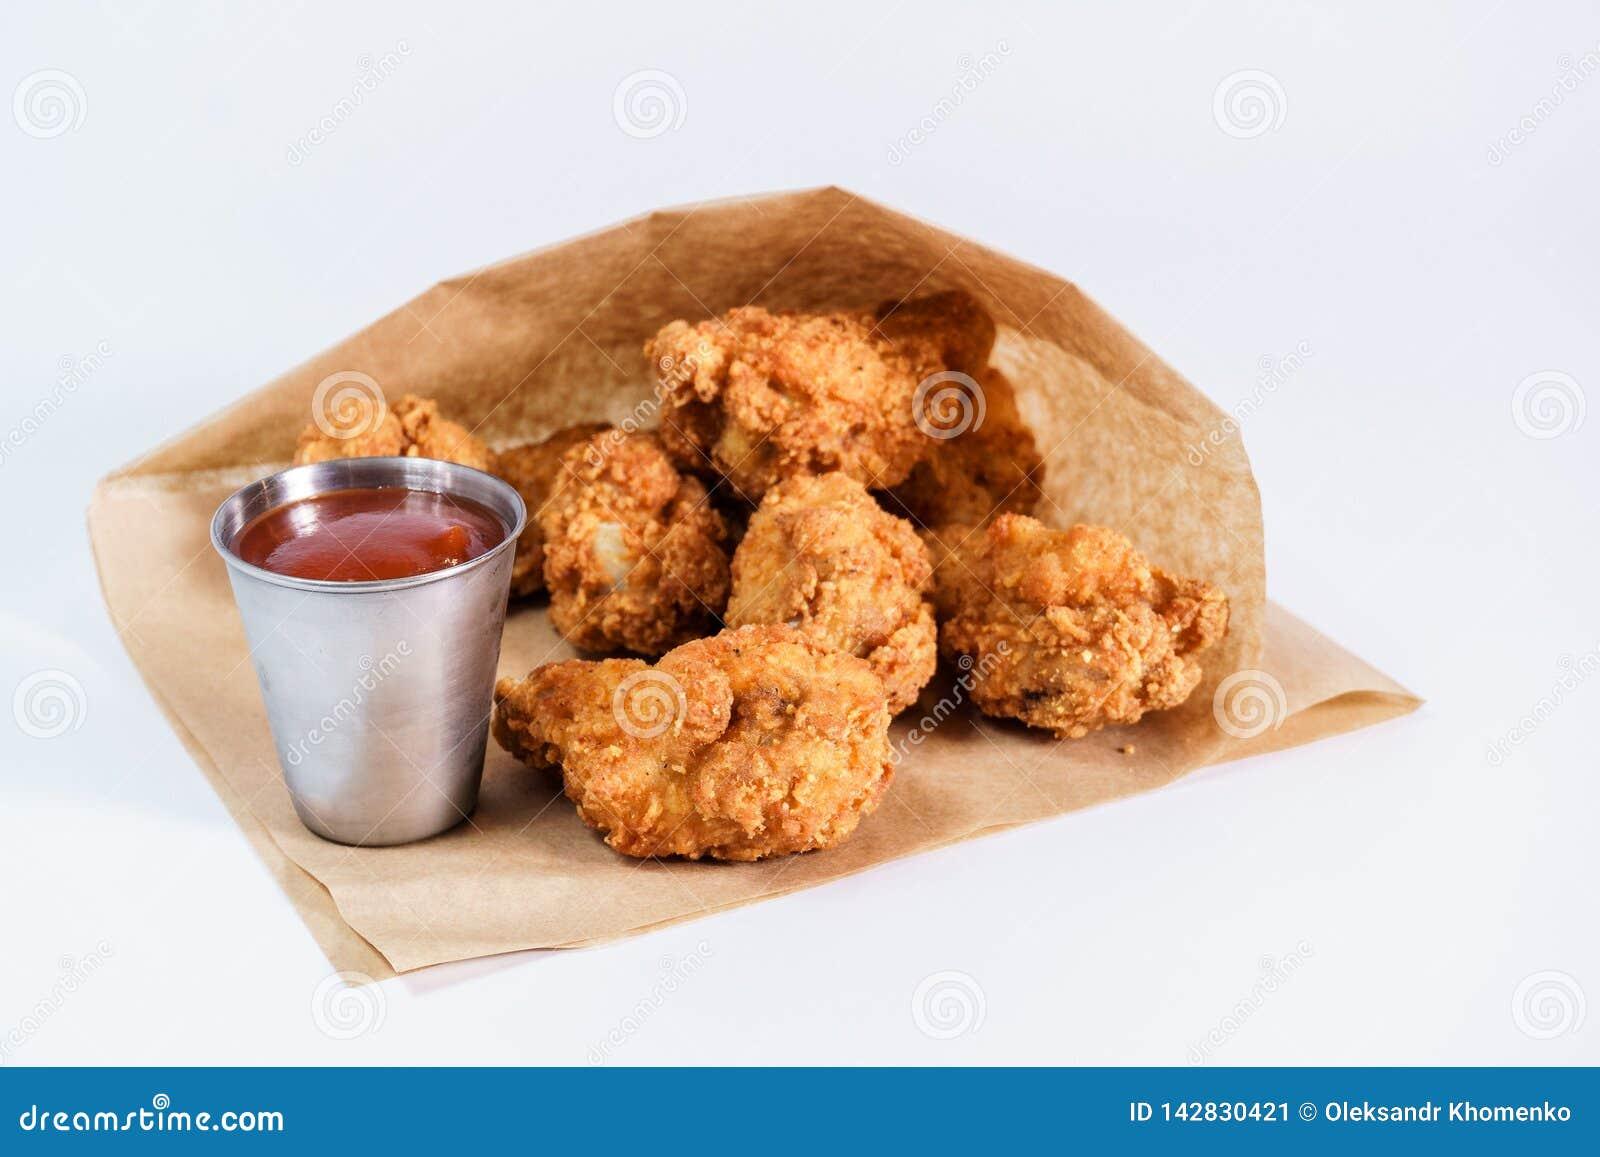 Ali di pollo fritto con salsa al pomodoro su un fondo bianco